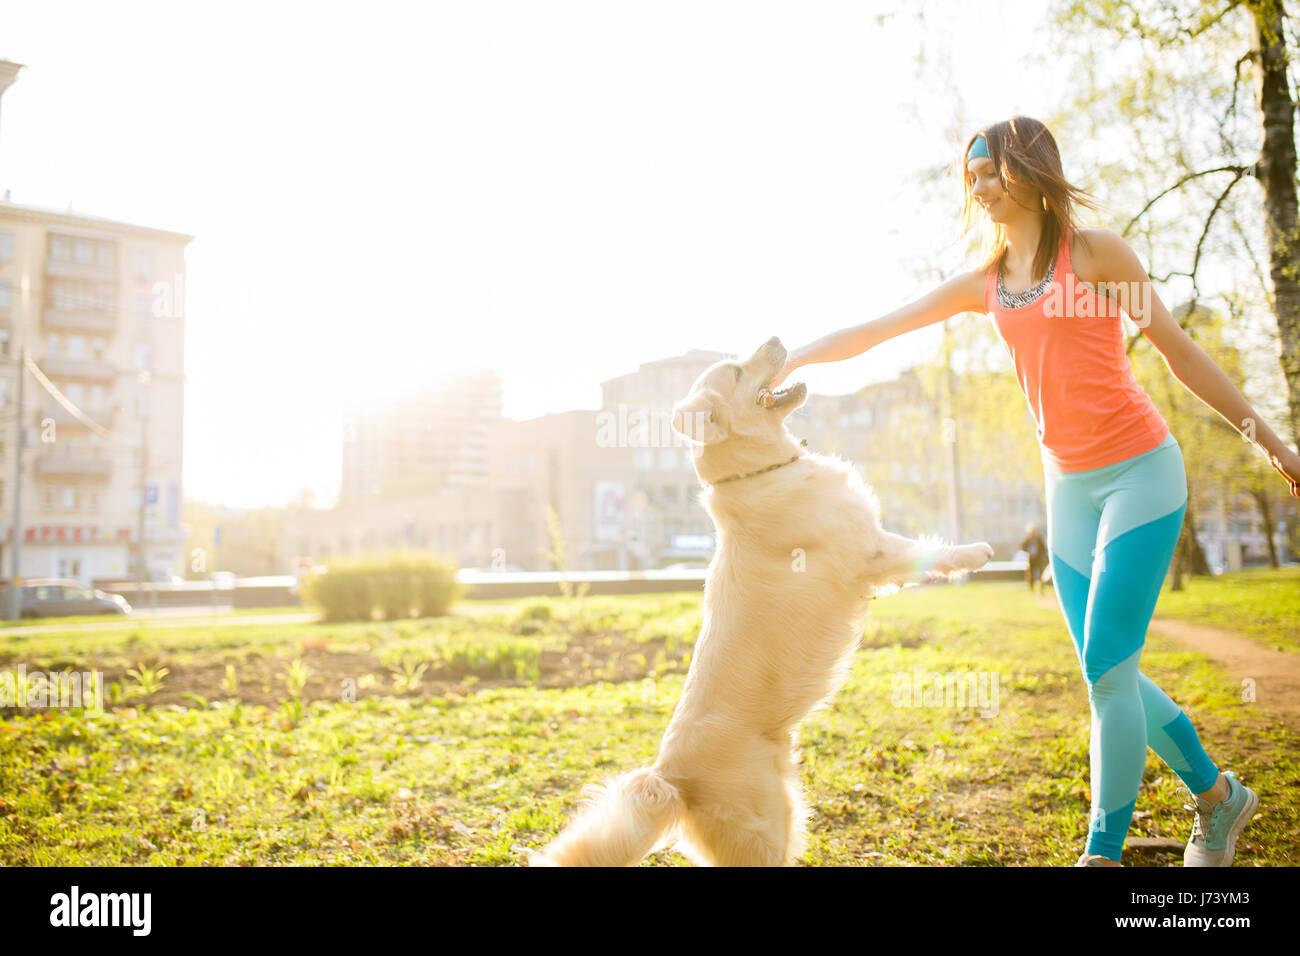 Joven morenita jugando con perro Imagen De Stock